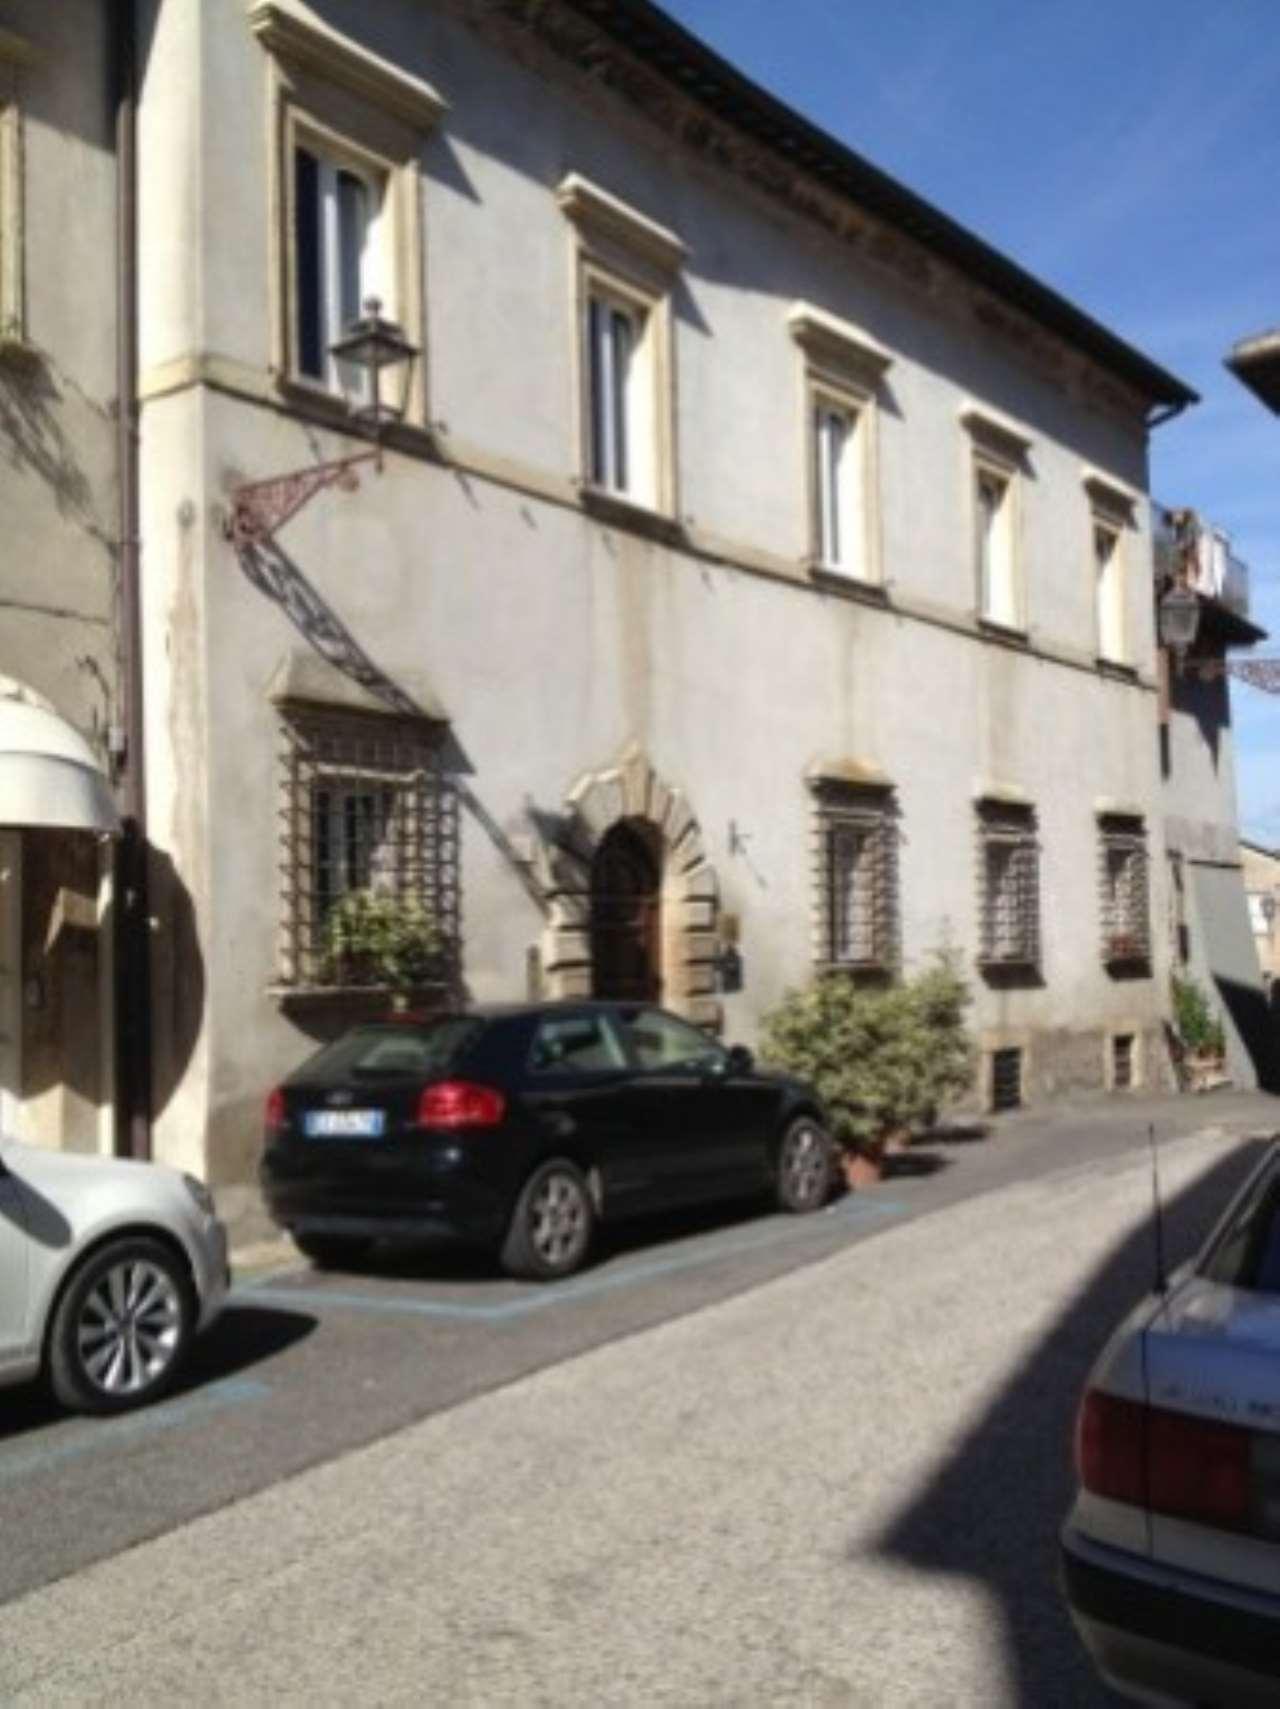 Palazzo / Stabile in vendita a Magliano Sabina, 6 locali, prezzo € 1.650.000 | CambioCasa.it